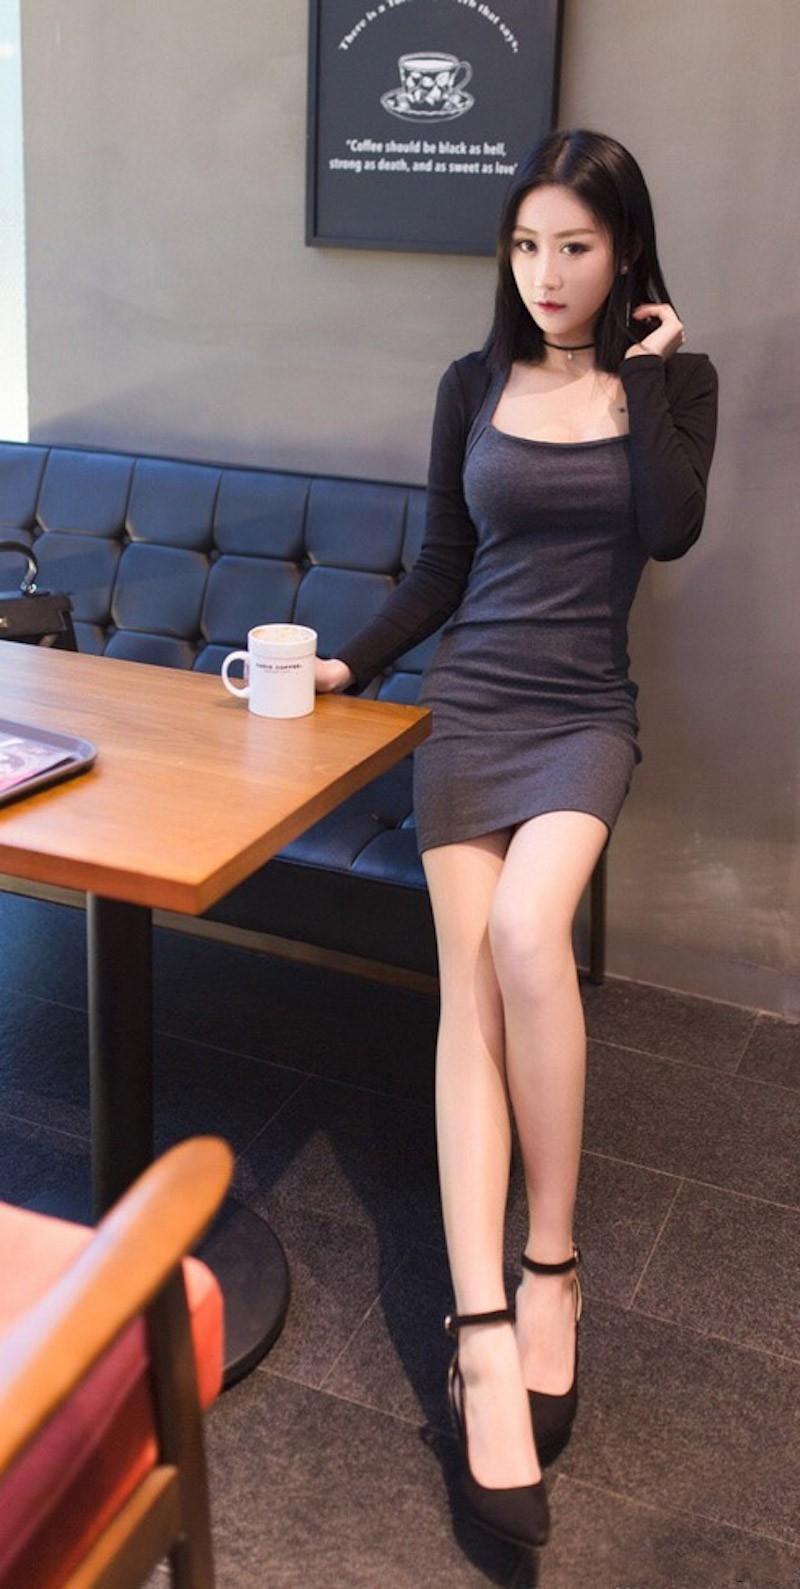 女神穿得如此凉快, 小细腰长腿的诱惑一般人躲不了 7